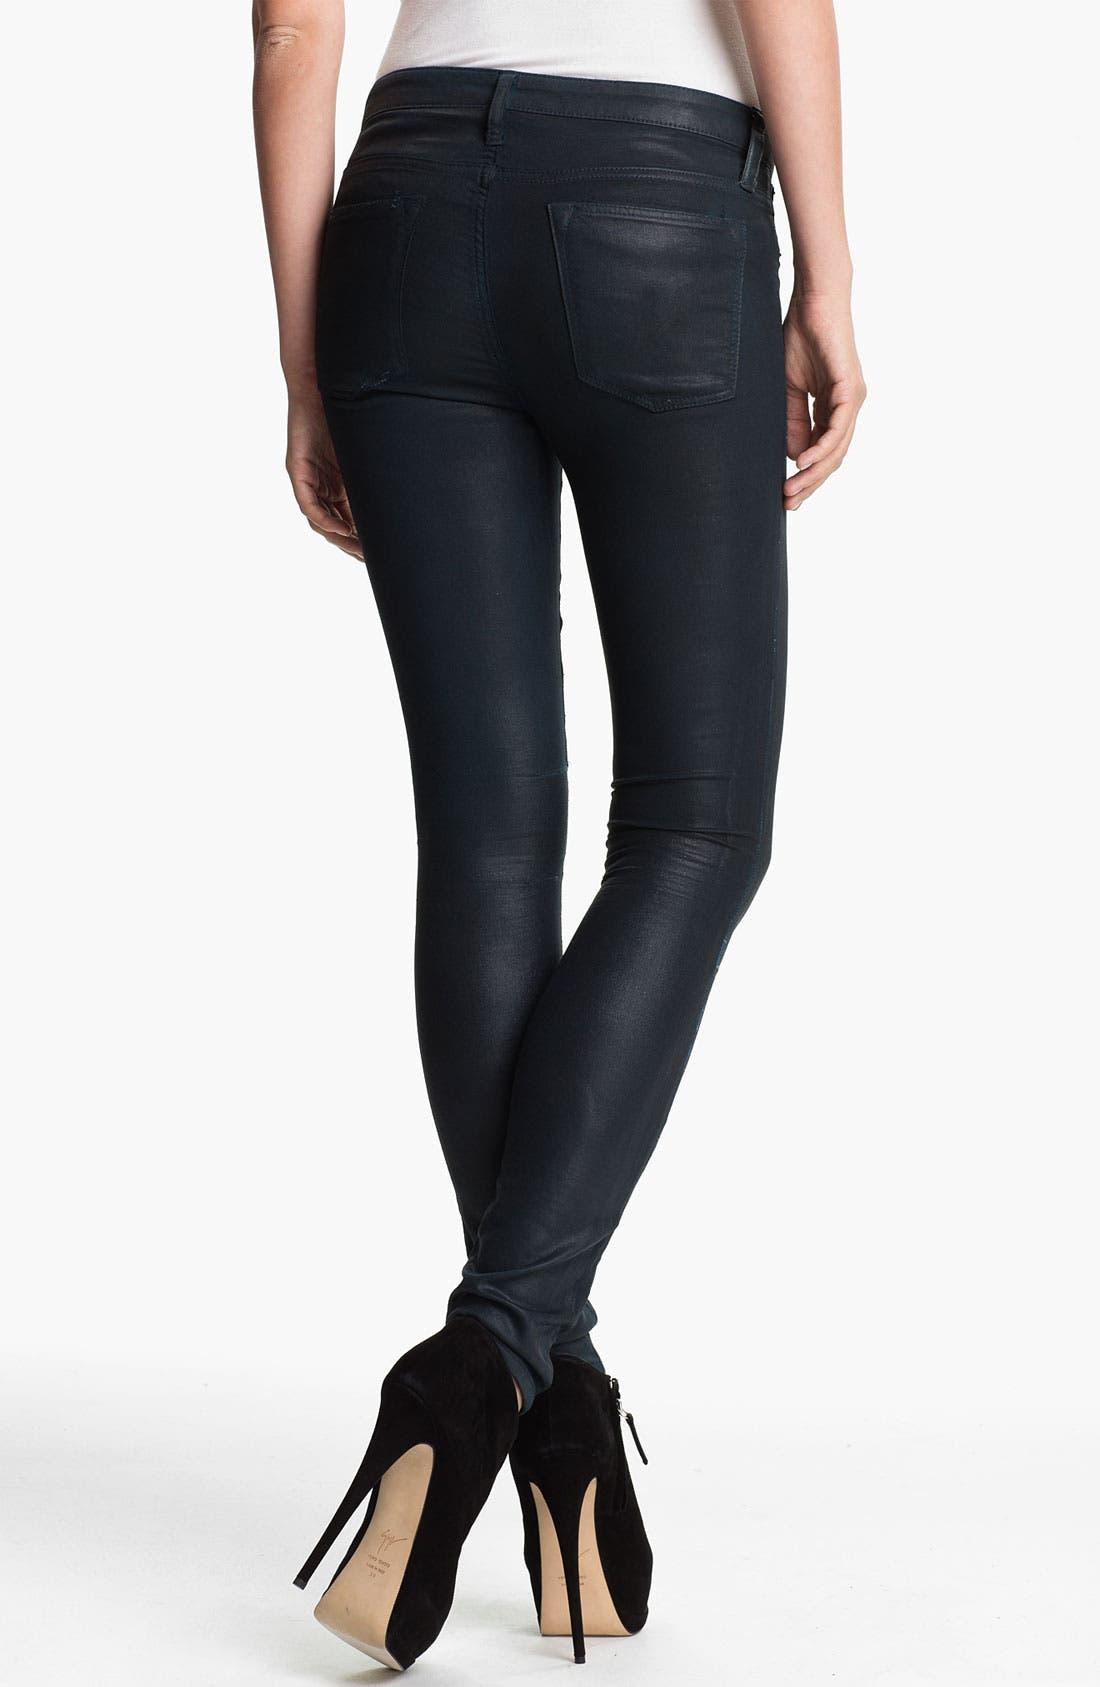 Alternate Image 1 Selected - HELMUT Helmut Lang 'Gloss' Skinny Jeans